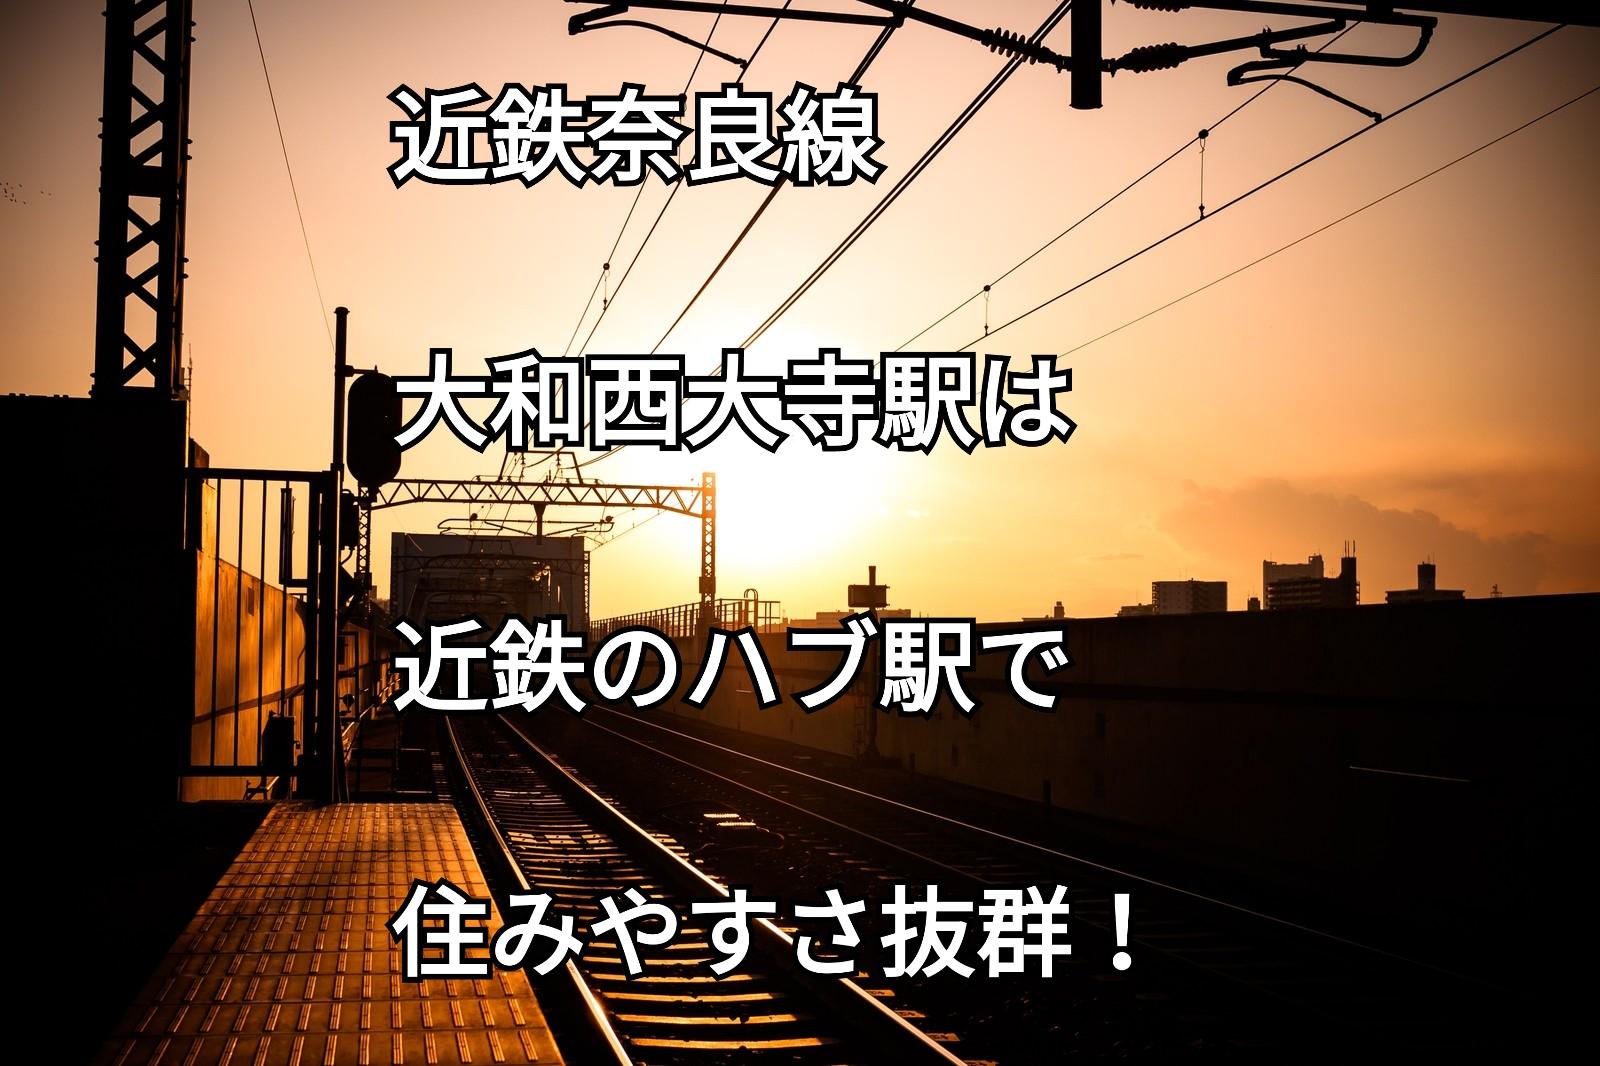 大和 西大寺駅